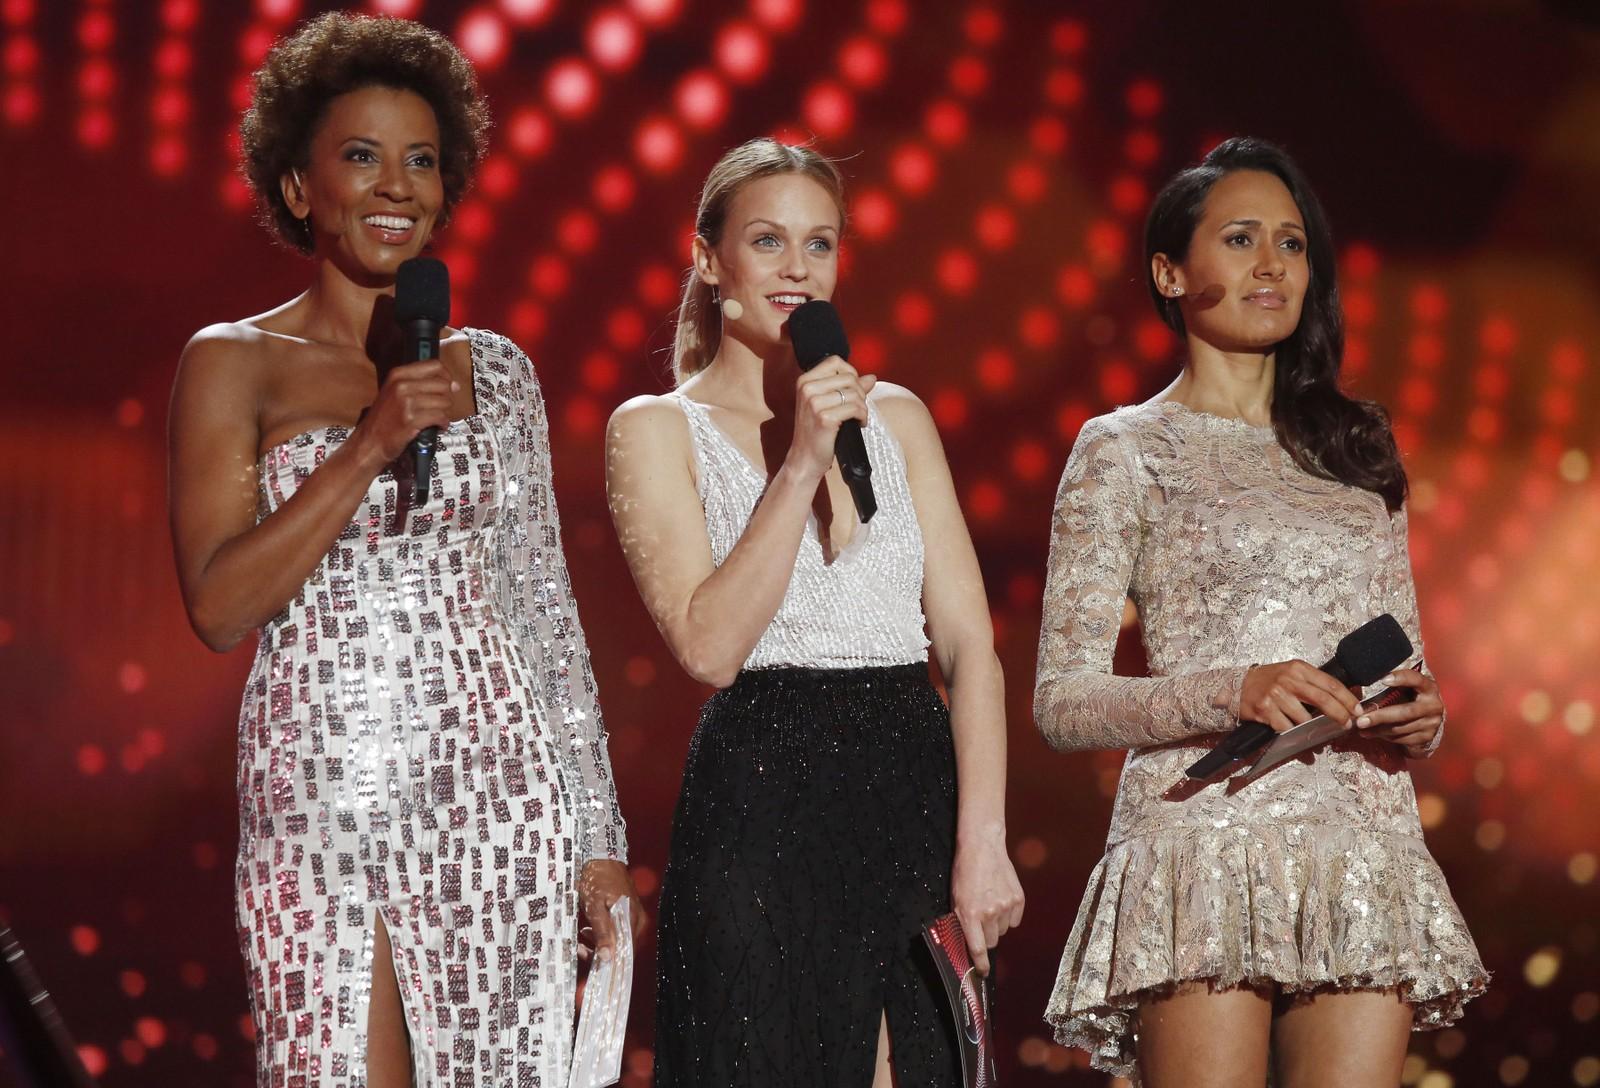 Denne trioen leder årets Eurovision Song Contest fra Wien. Fra venstre Arabella Kiesbauer, Mirjam Weichselbraun og Alice Tumler.